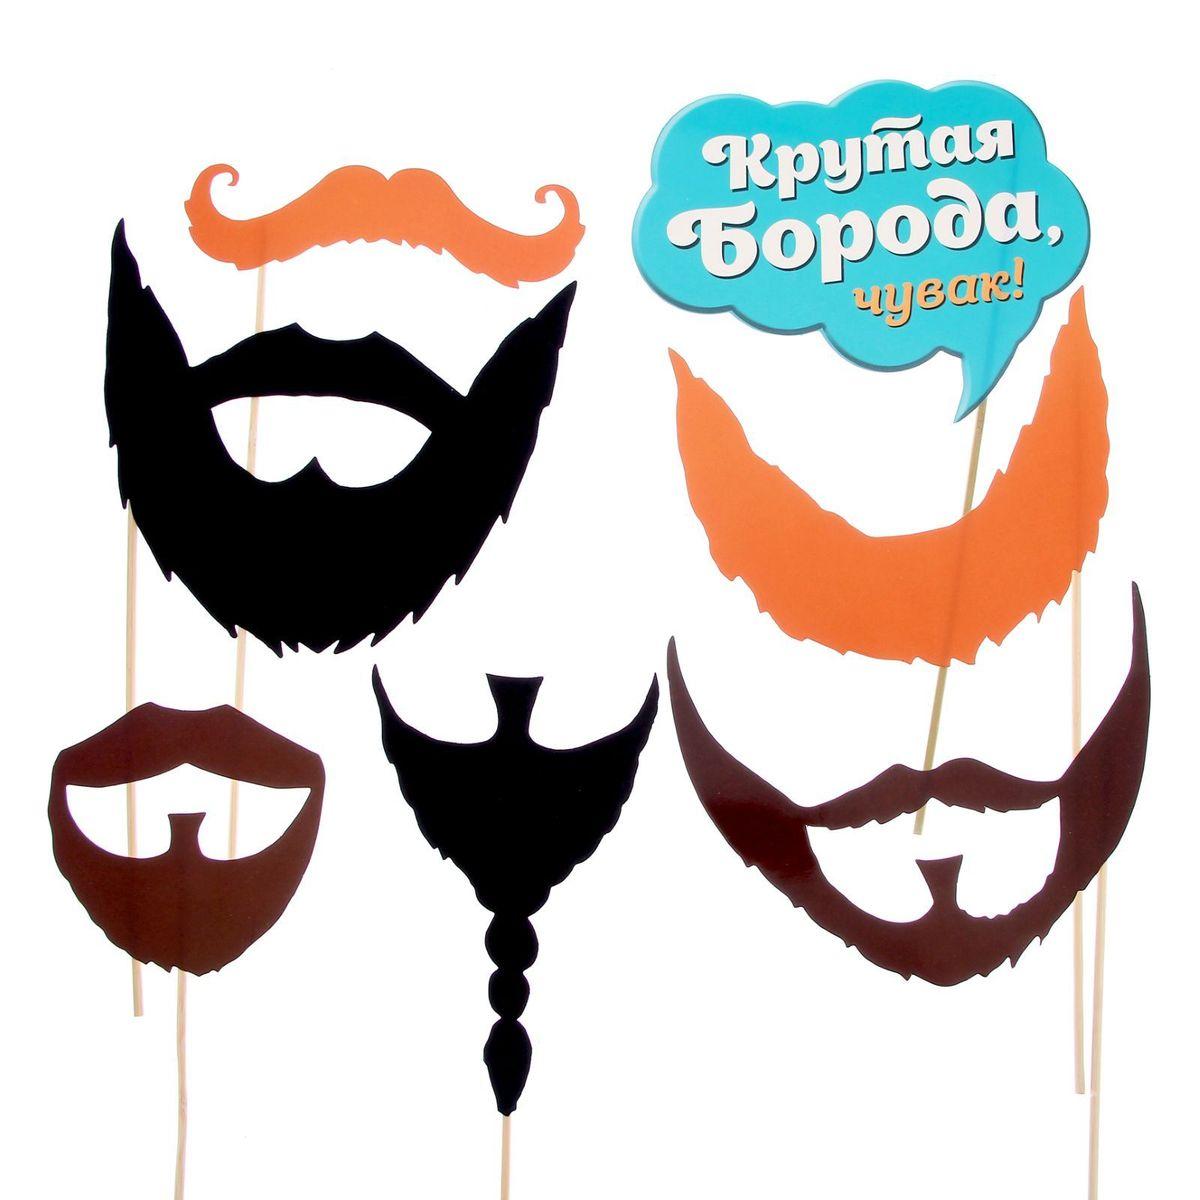 Набор фотобутафории Sima-land Крутая борода, чувак!, 7 предметов1182870Невозможно представить нашу жизнь без праздников! Мы всегда ждём и заранее обдумываем, как проведём памятный день, тщательно выбираем подарки и аксессуары, ведь именно они создают и поддерживают нужный настрой.